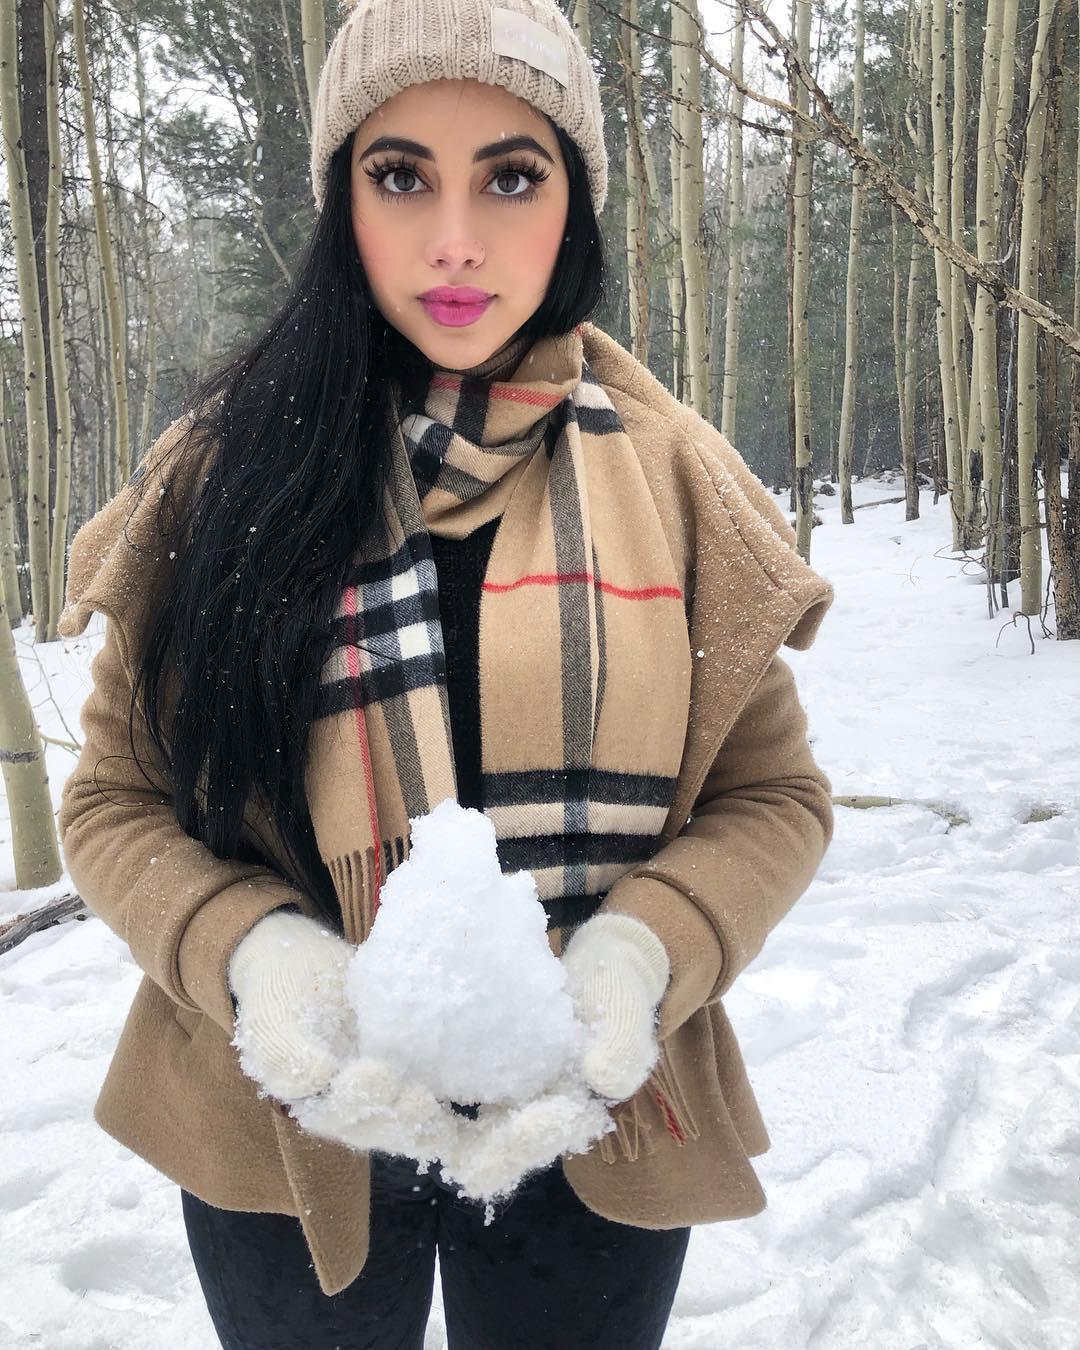 Cute Jailyne ojeda in snow